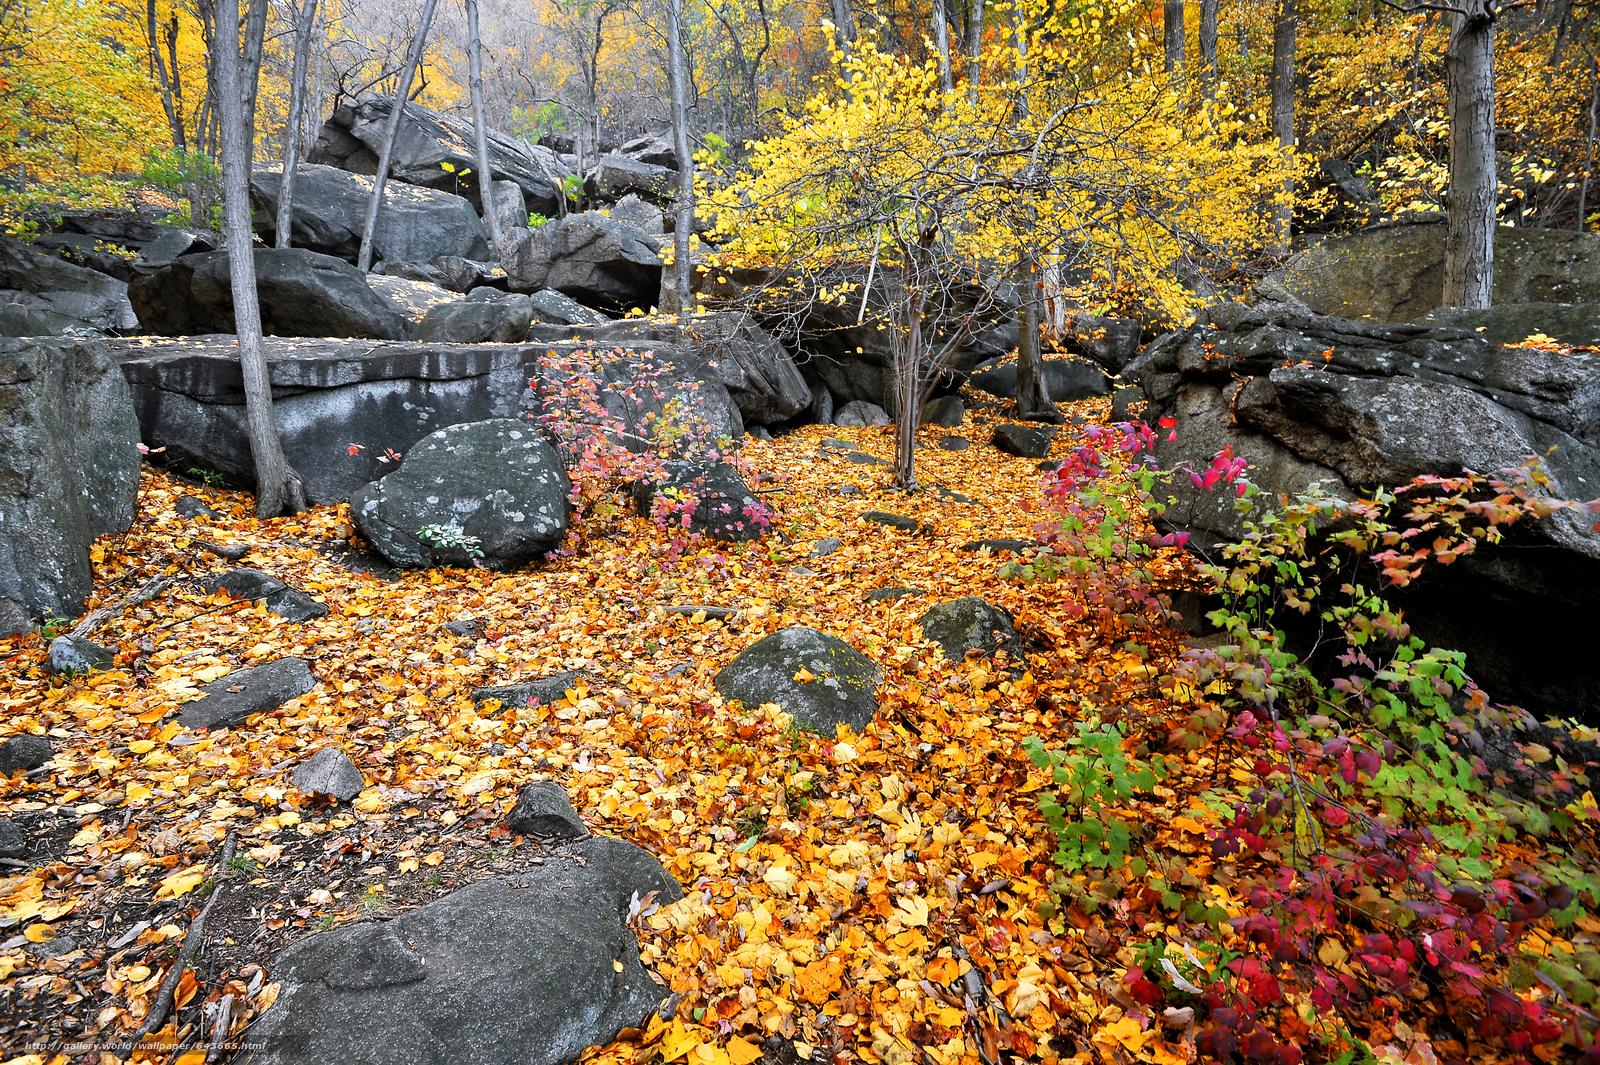 下载壁纸 熊山州立公园,  秋,  森林,  树 免费为您的桌面分辨率的壁纸 4256x2832 — 图片 №643665